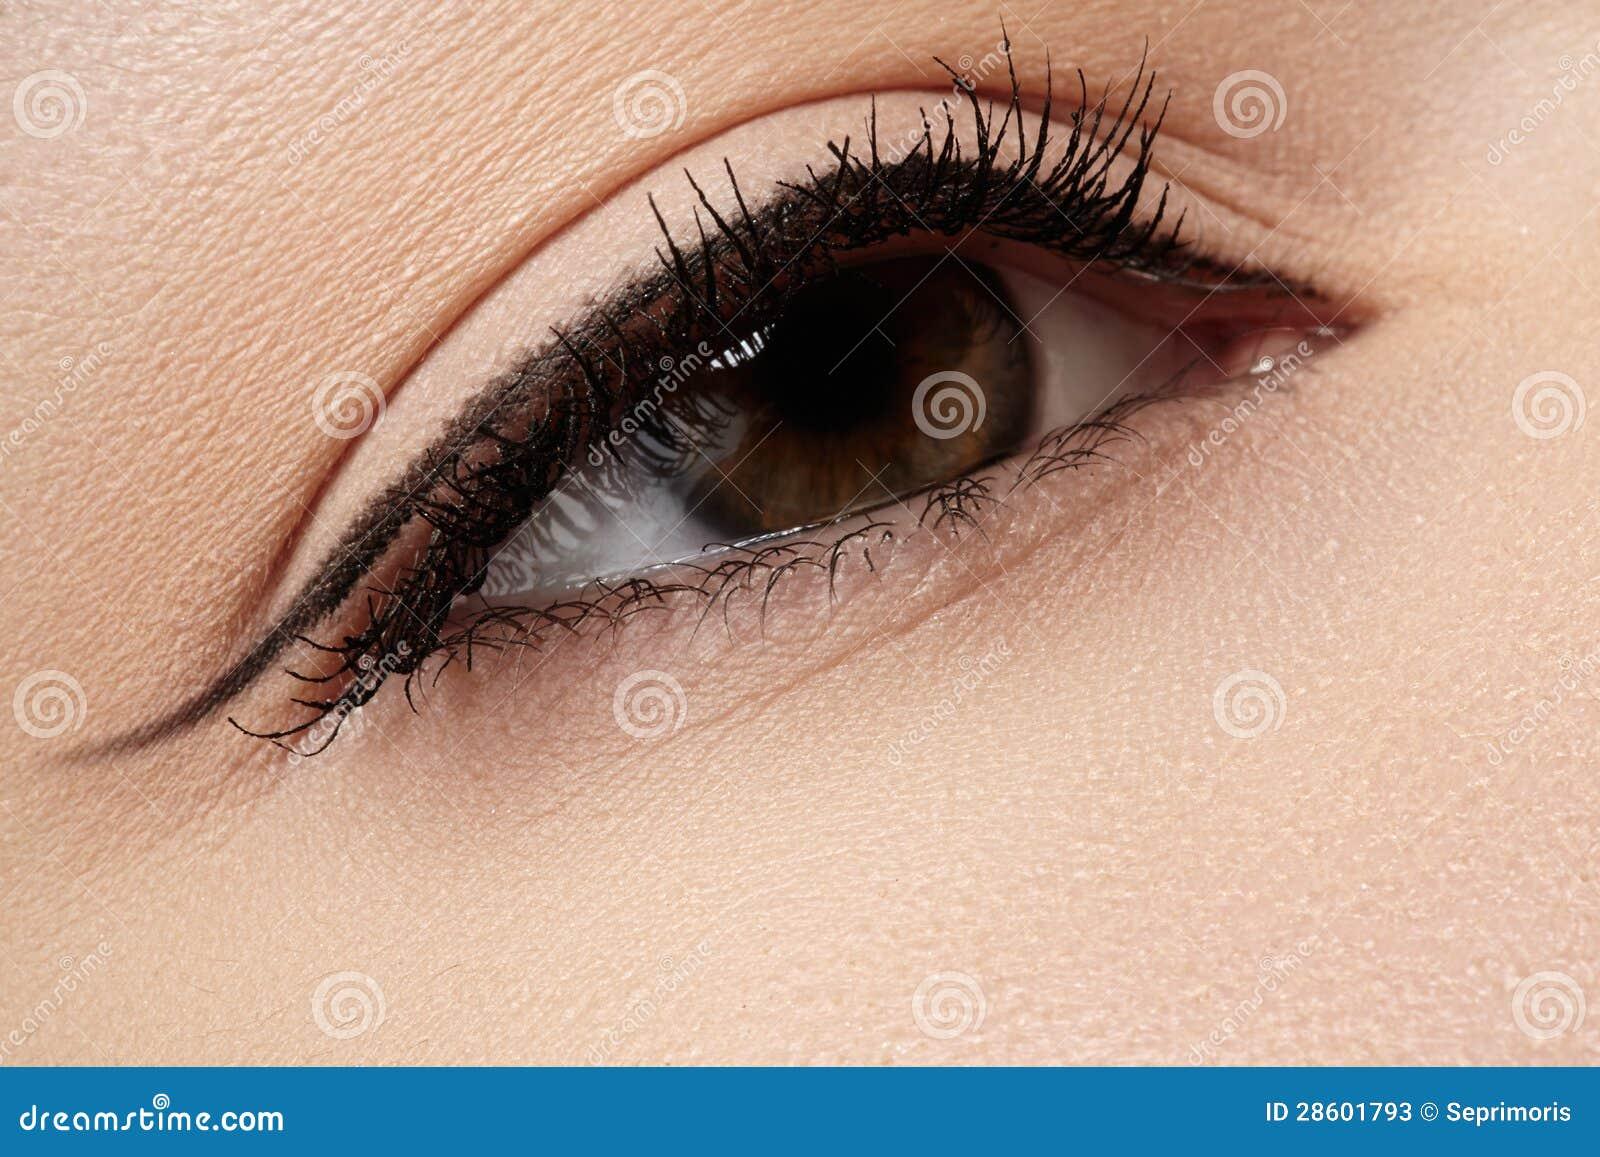 Kosmetyki. Makro- piękna oko z eyeliner makijażem